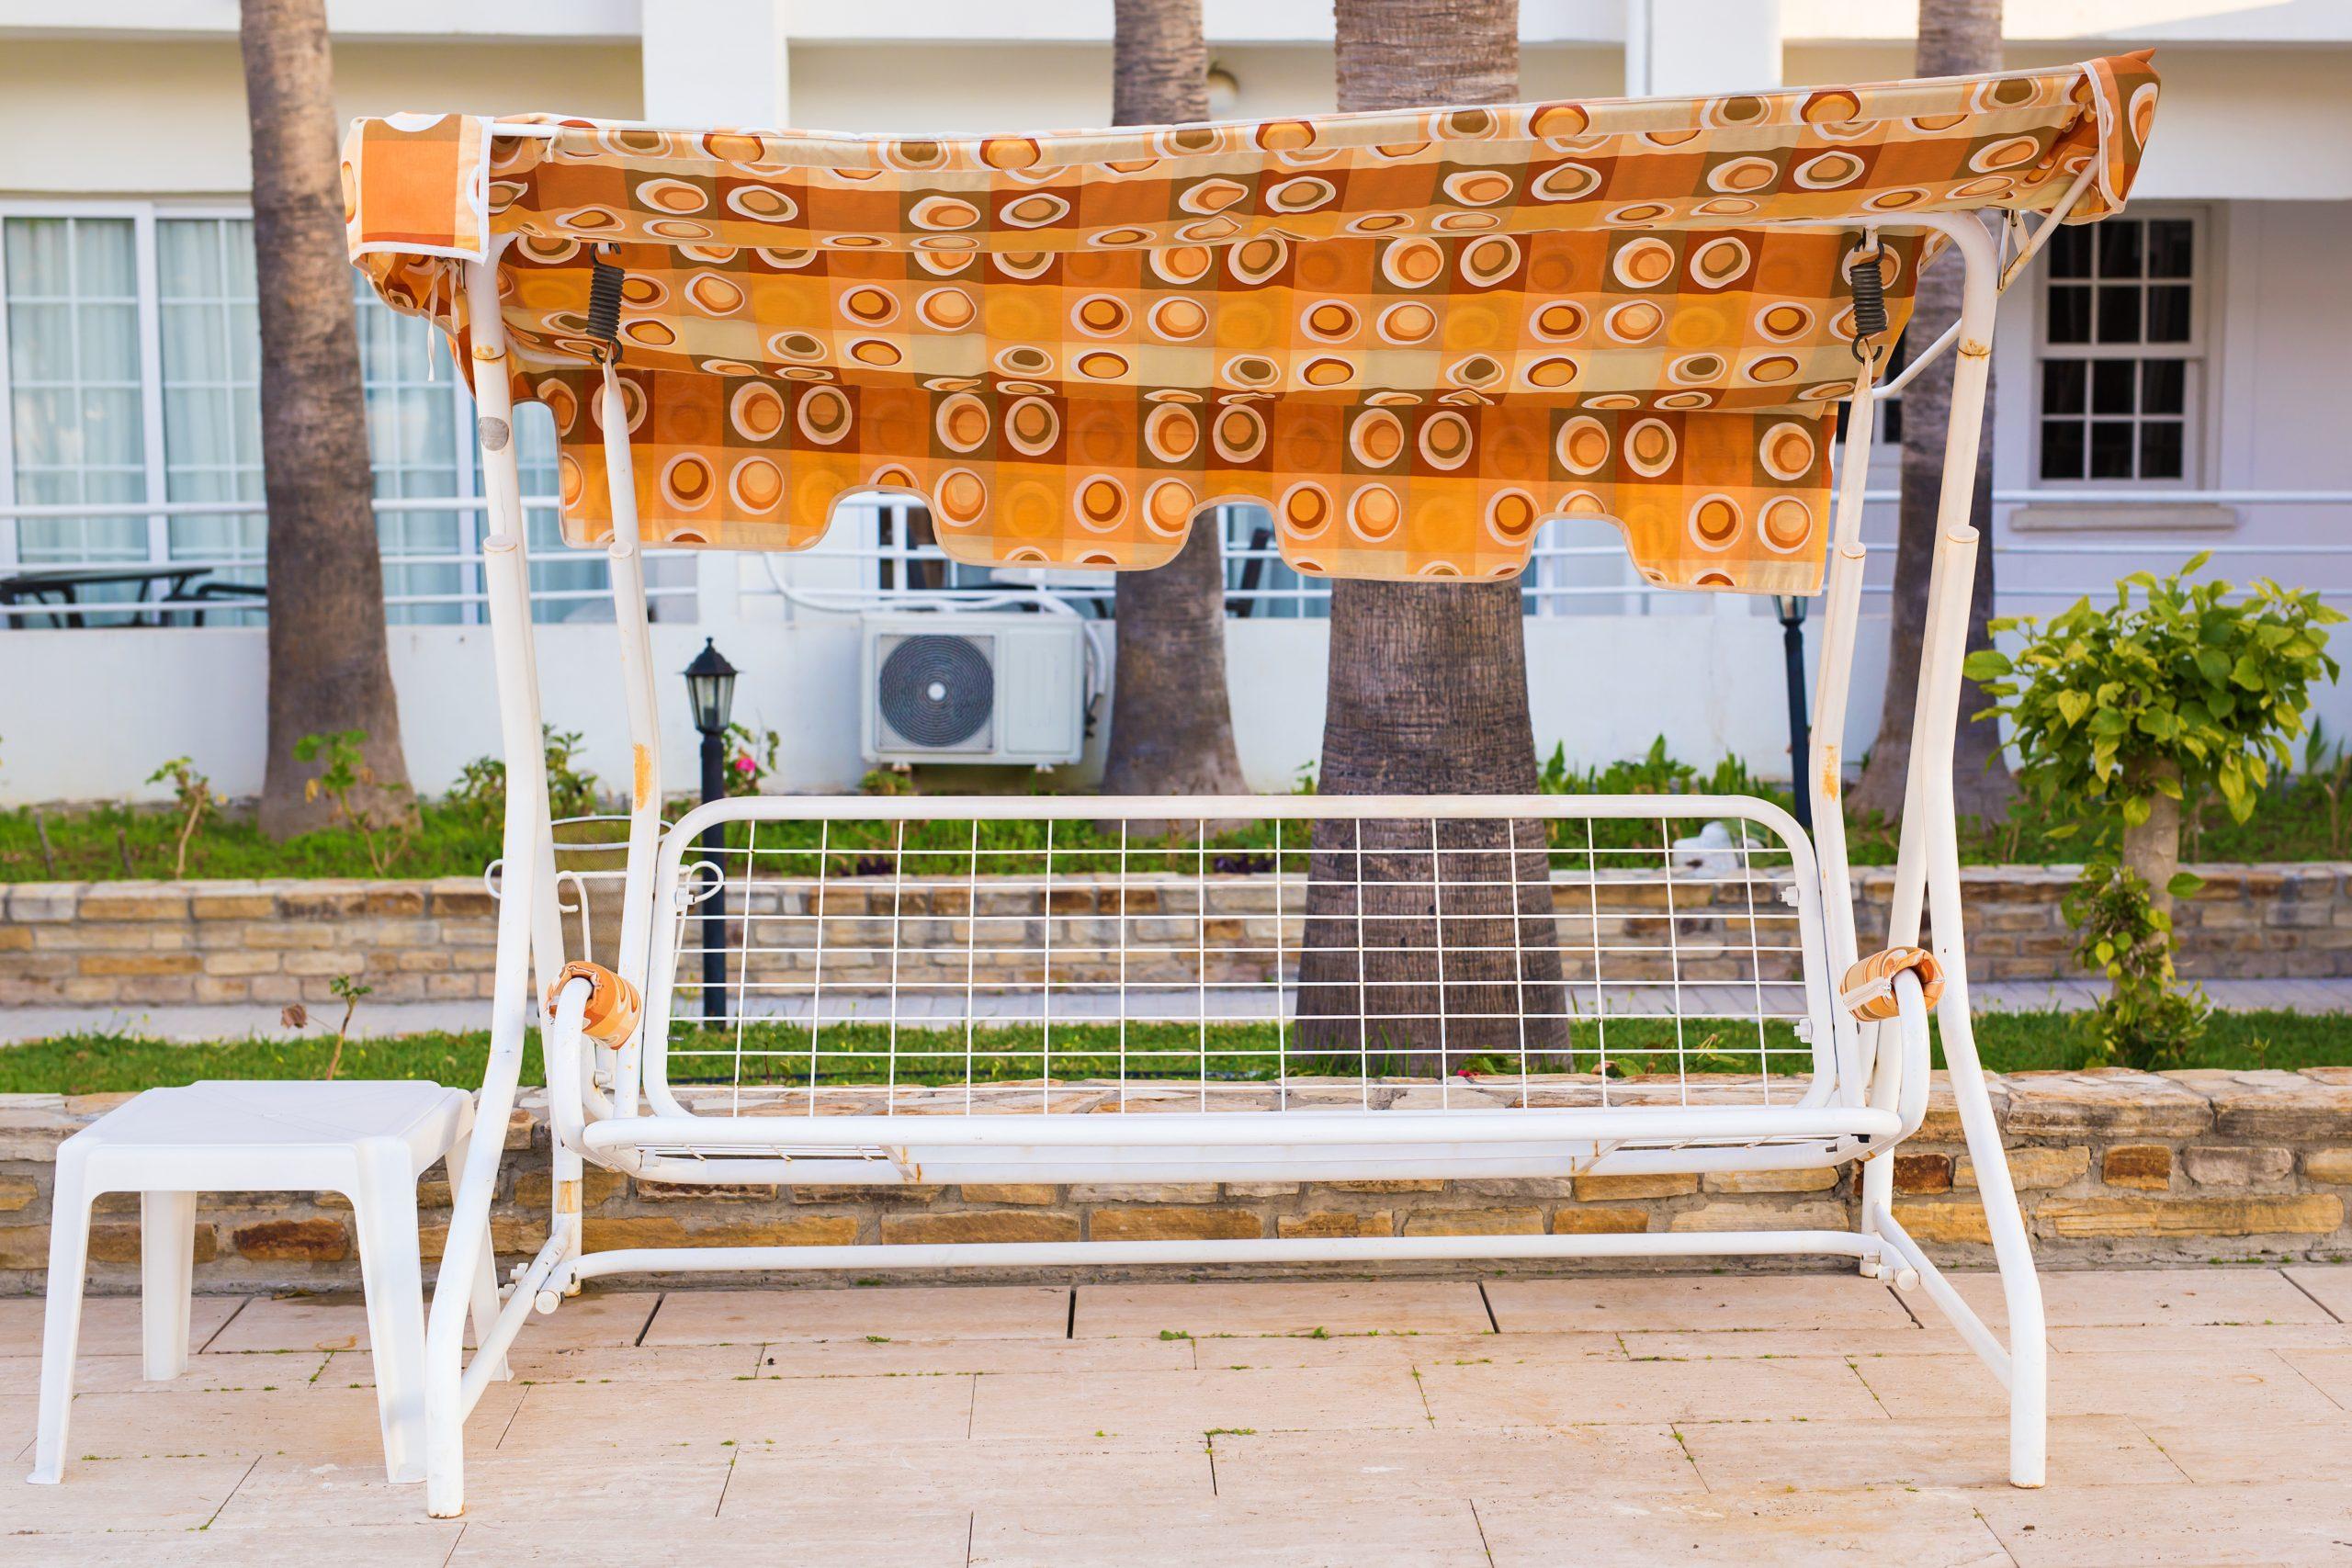 Schwingliege Garten: Test & Empfehlungen (08/20)